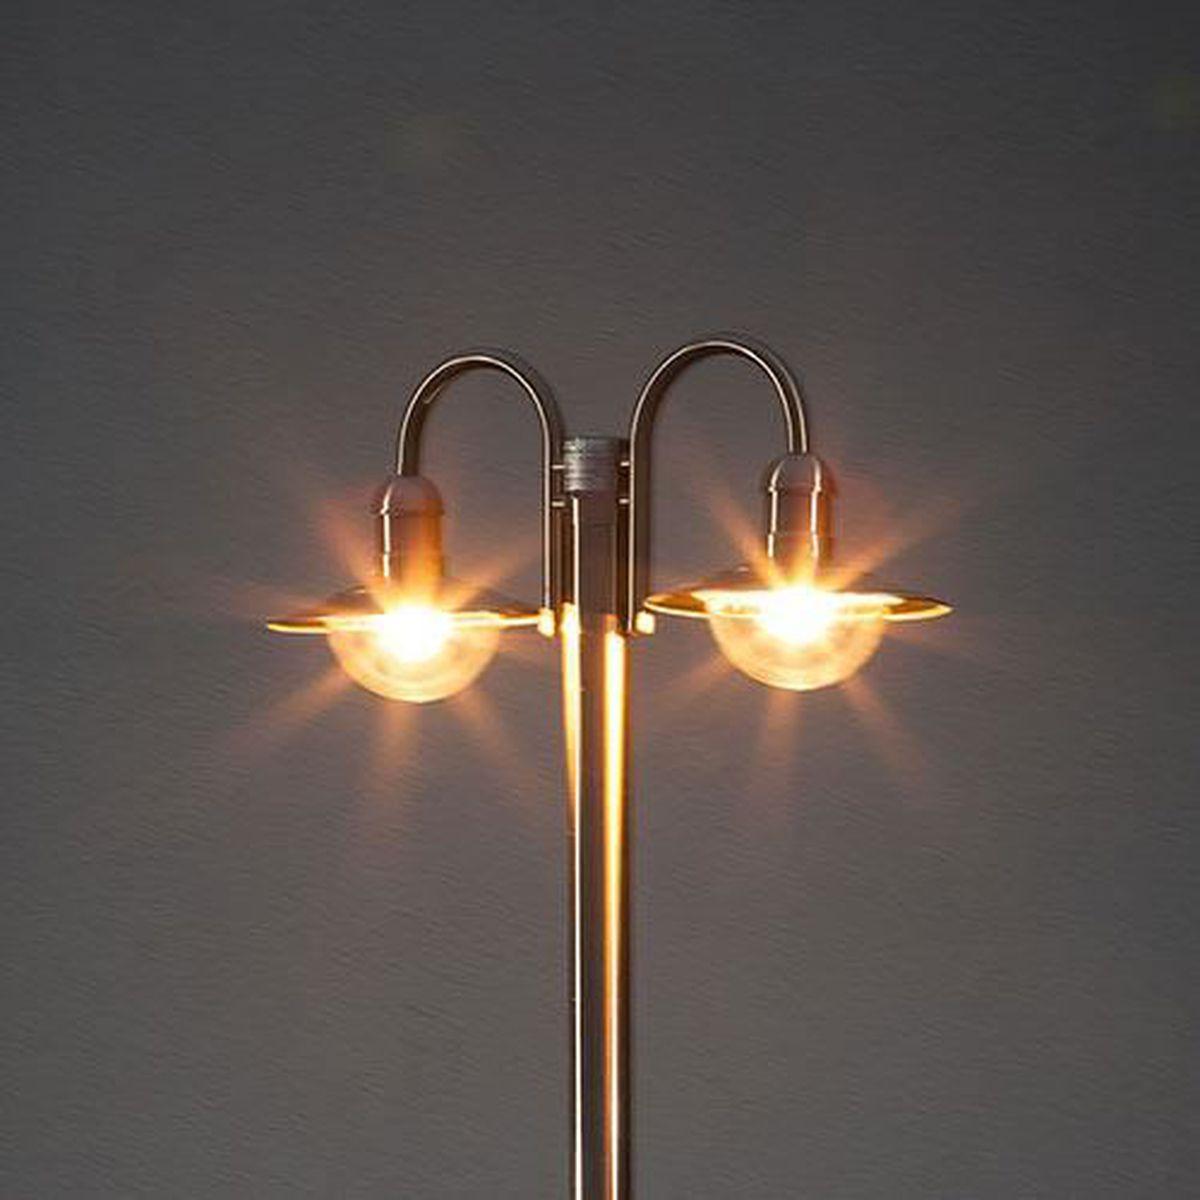 Lampadaire damion en inox 2 t tes de lampe achat for Lampadaire exterieur 2 tetes